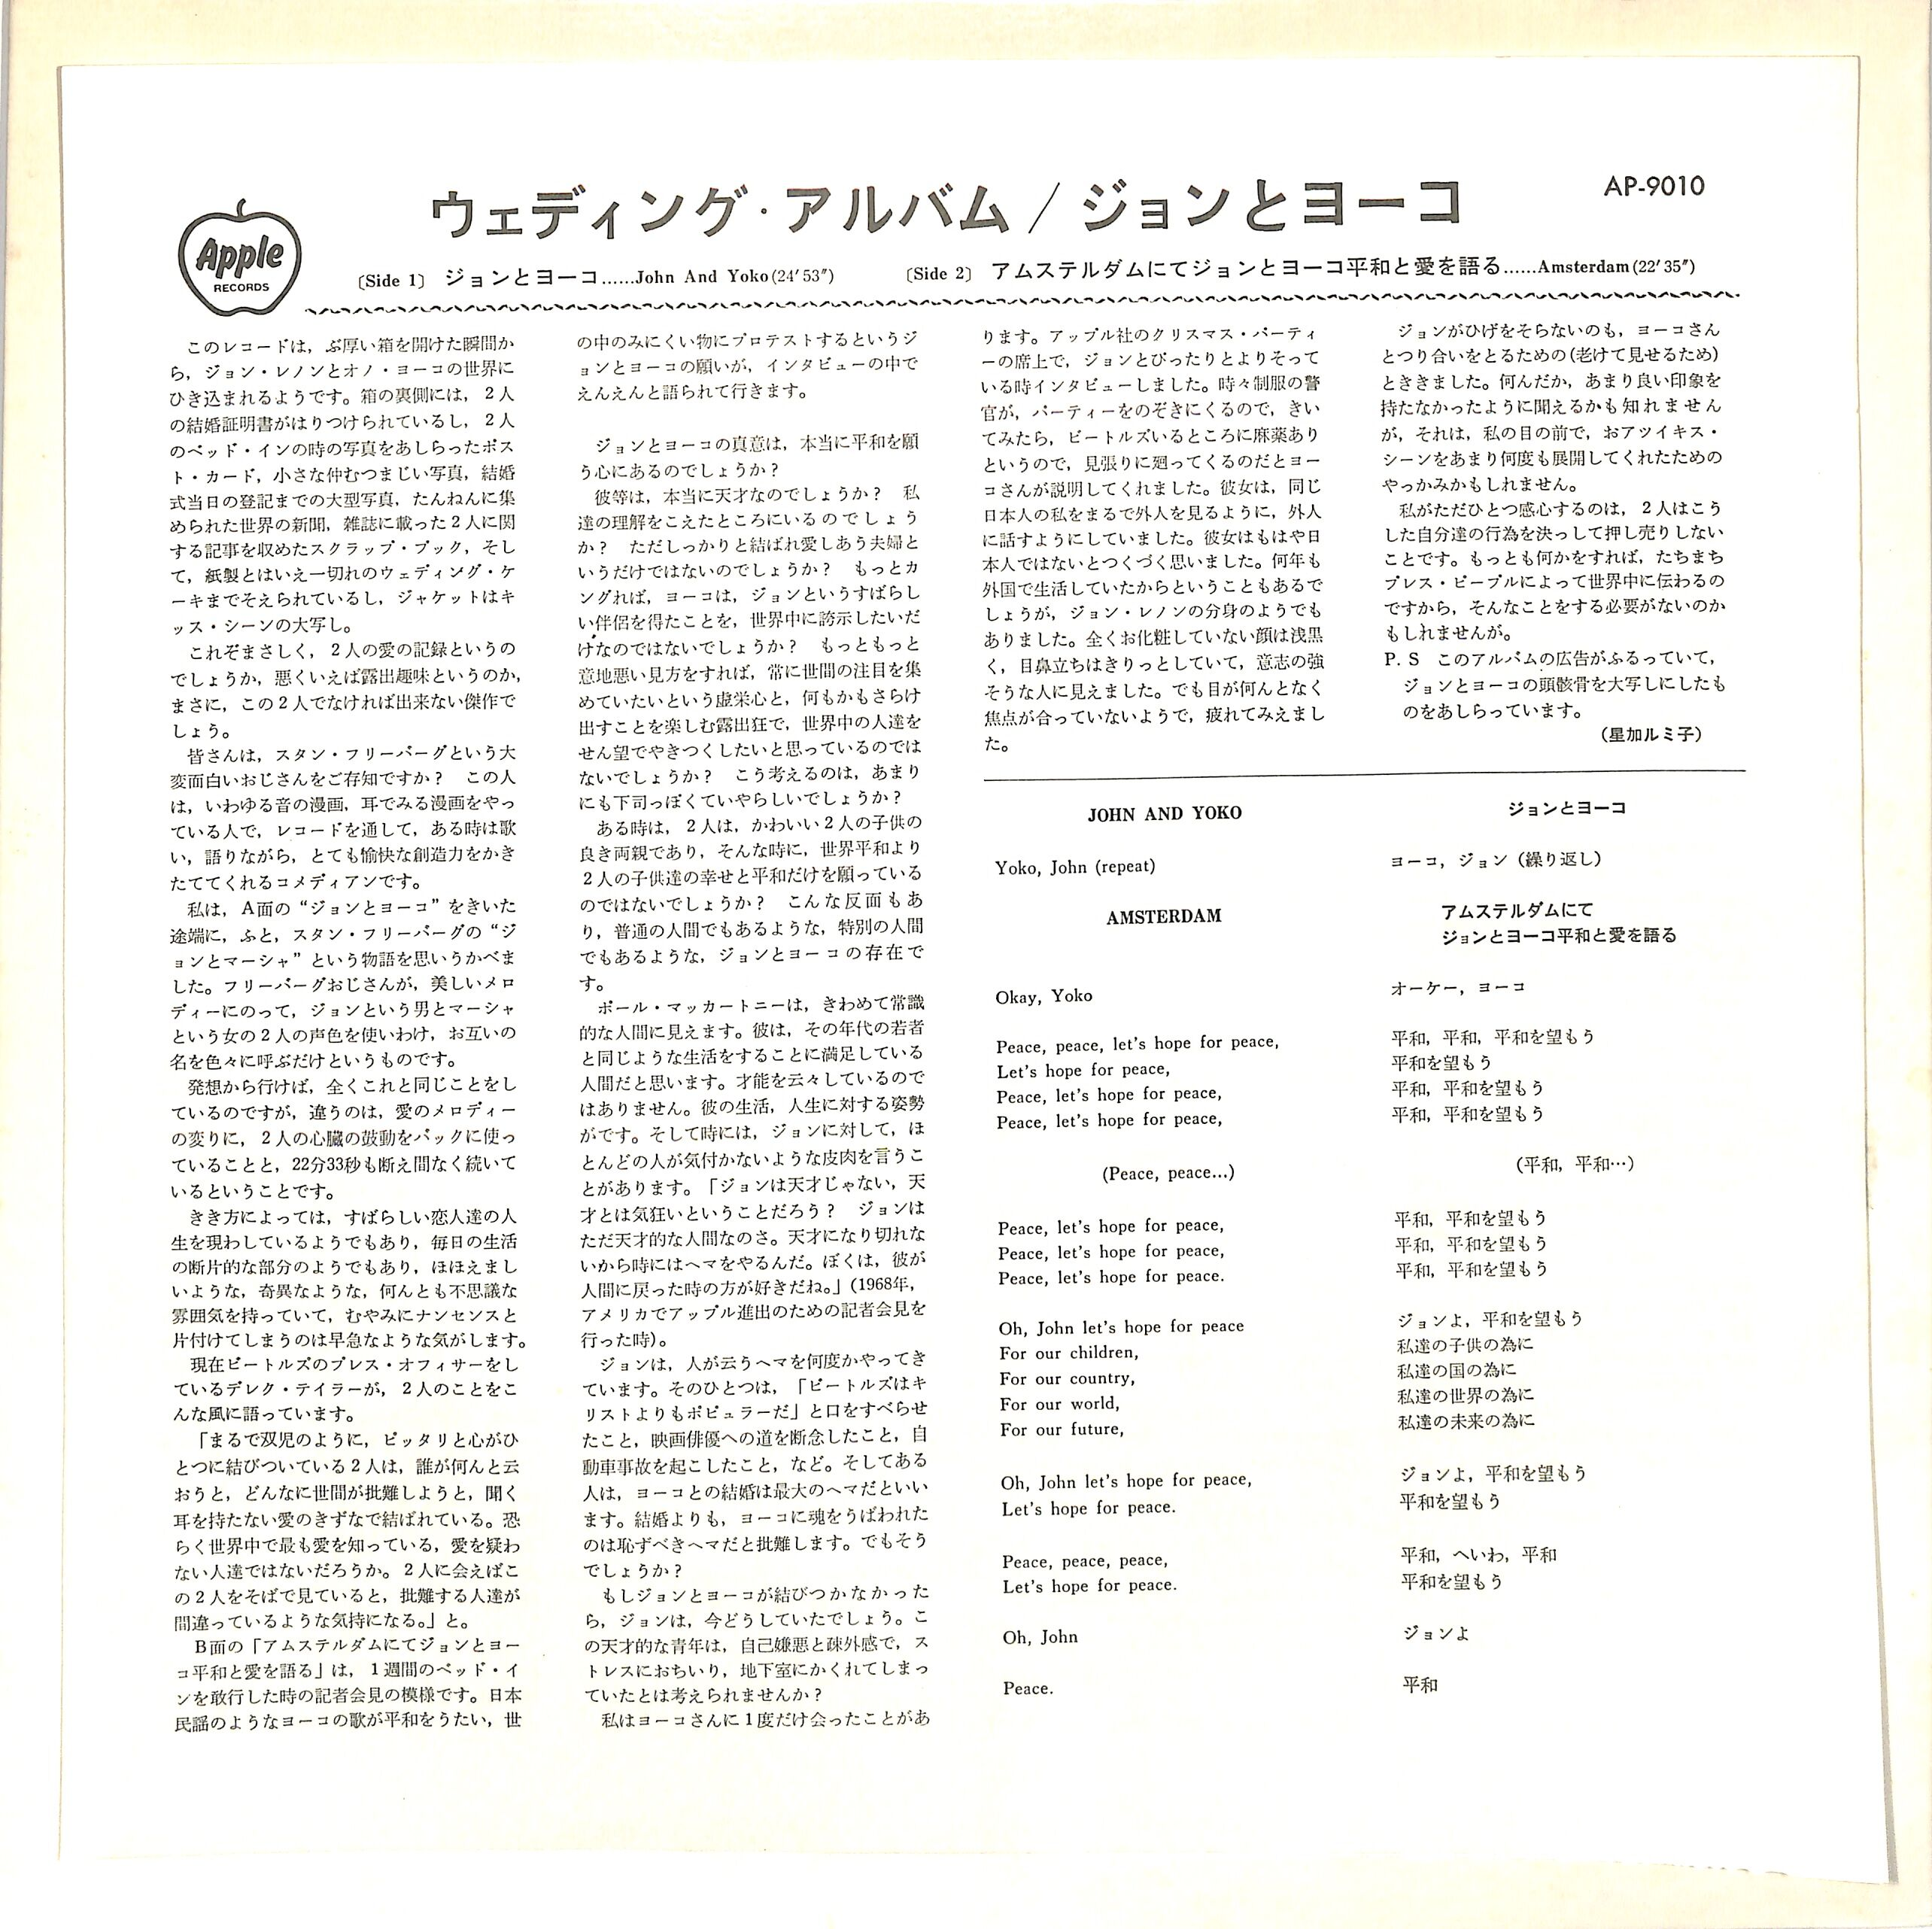 https://p1-e6eeae93.imageflux.jp/booksch/724c1cd8b66cc84ab002.jpg